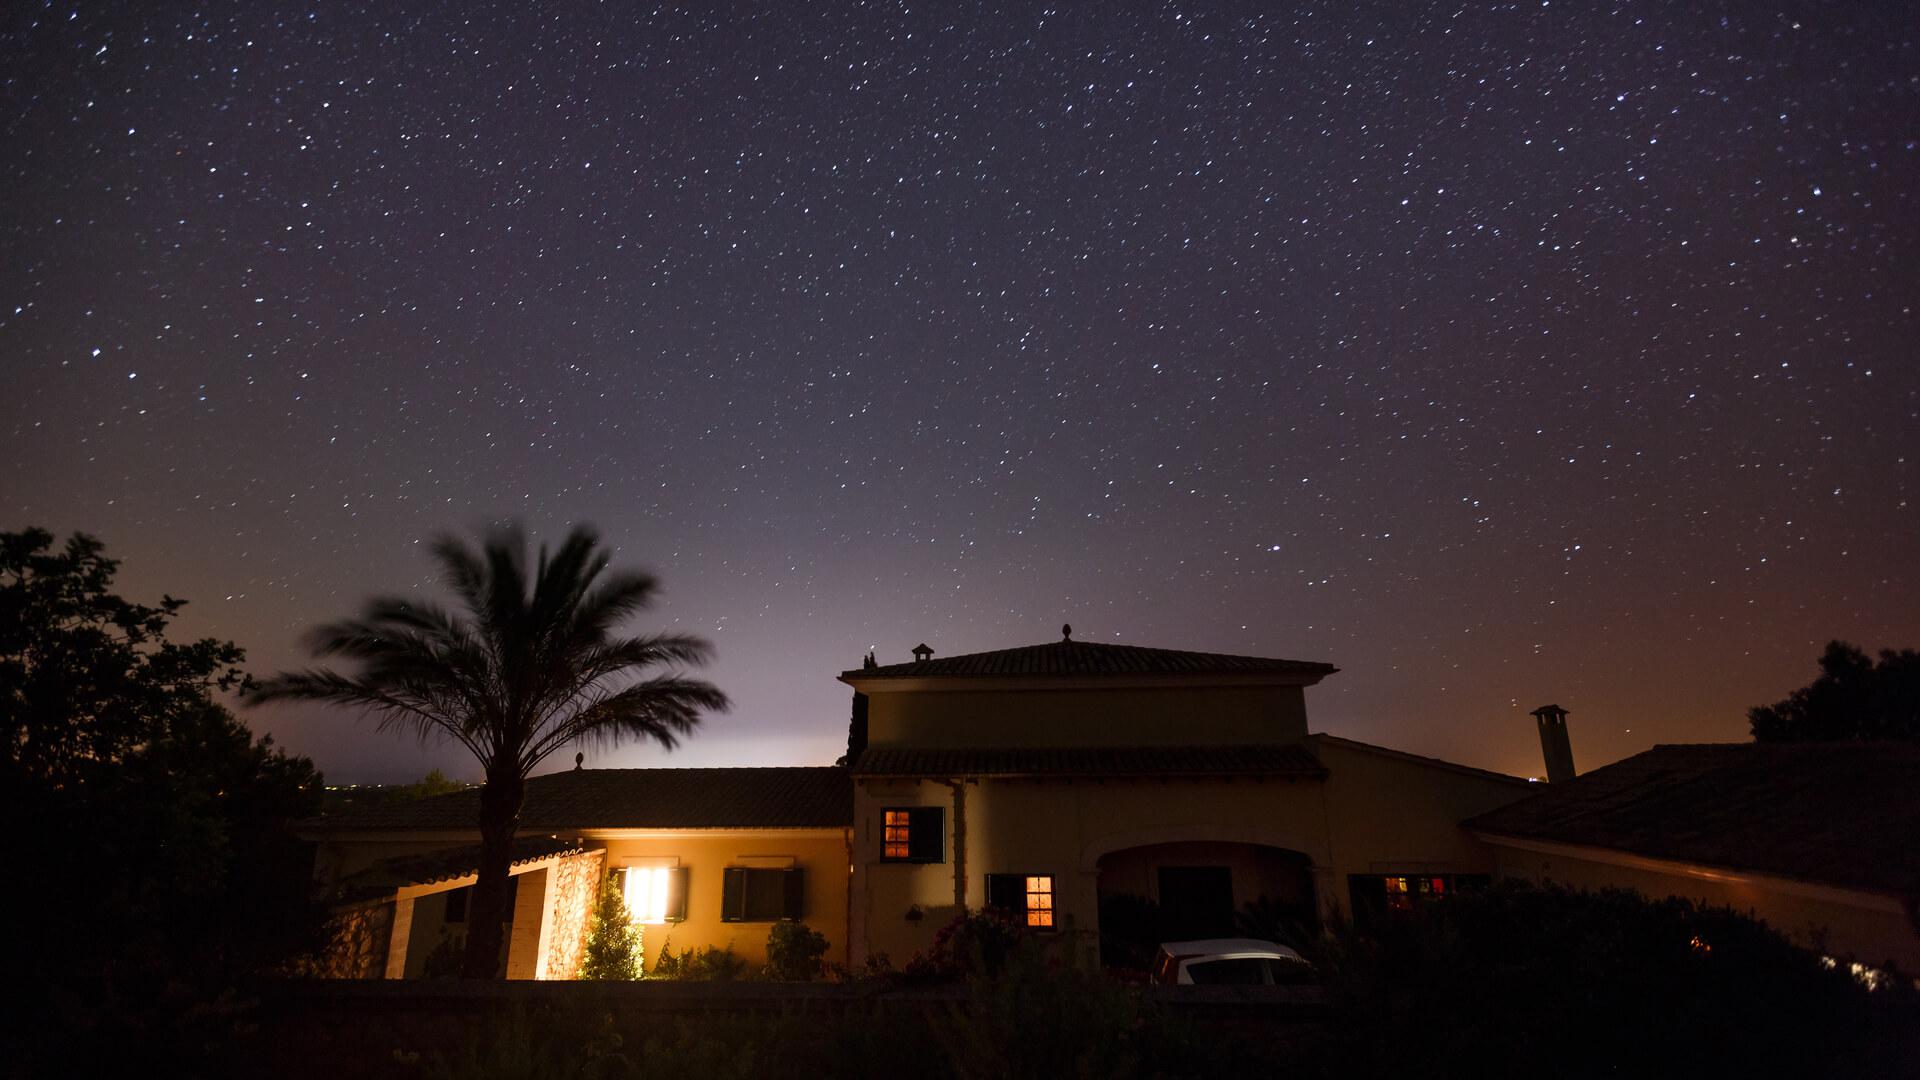 Starry sky over spanish house mallorca